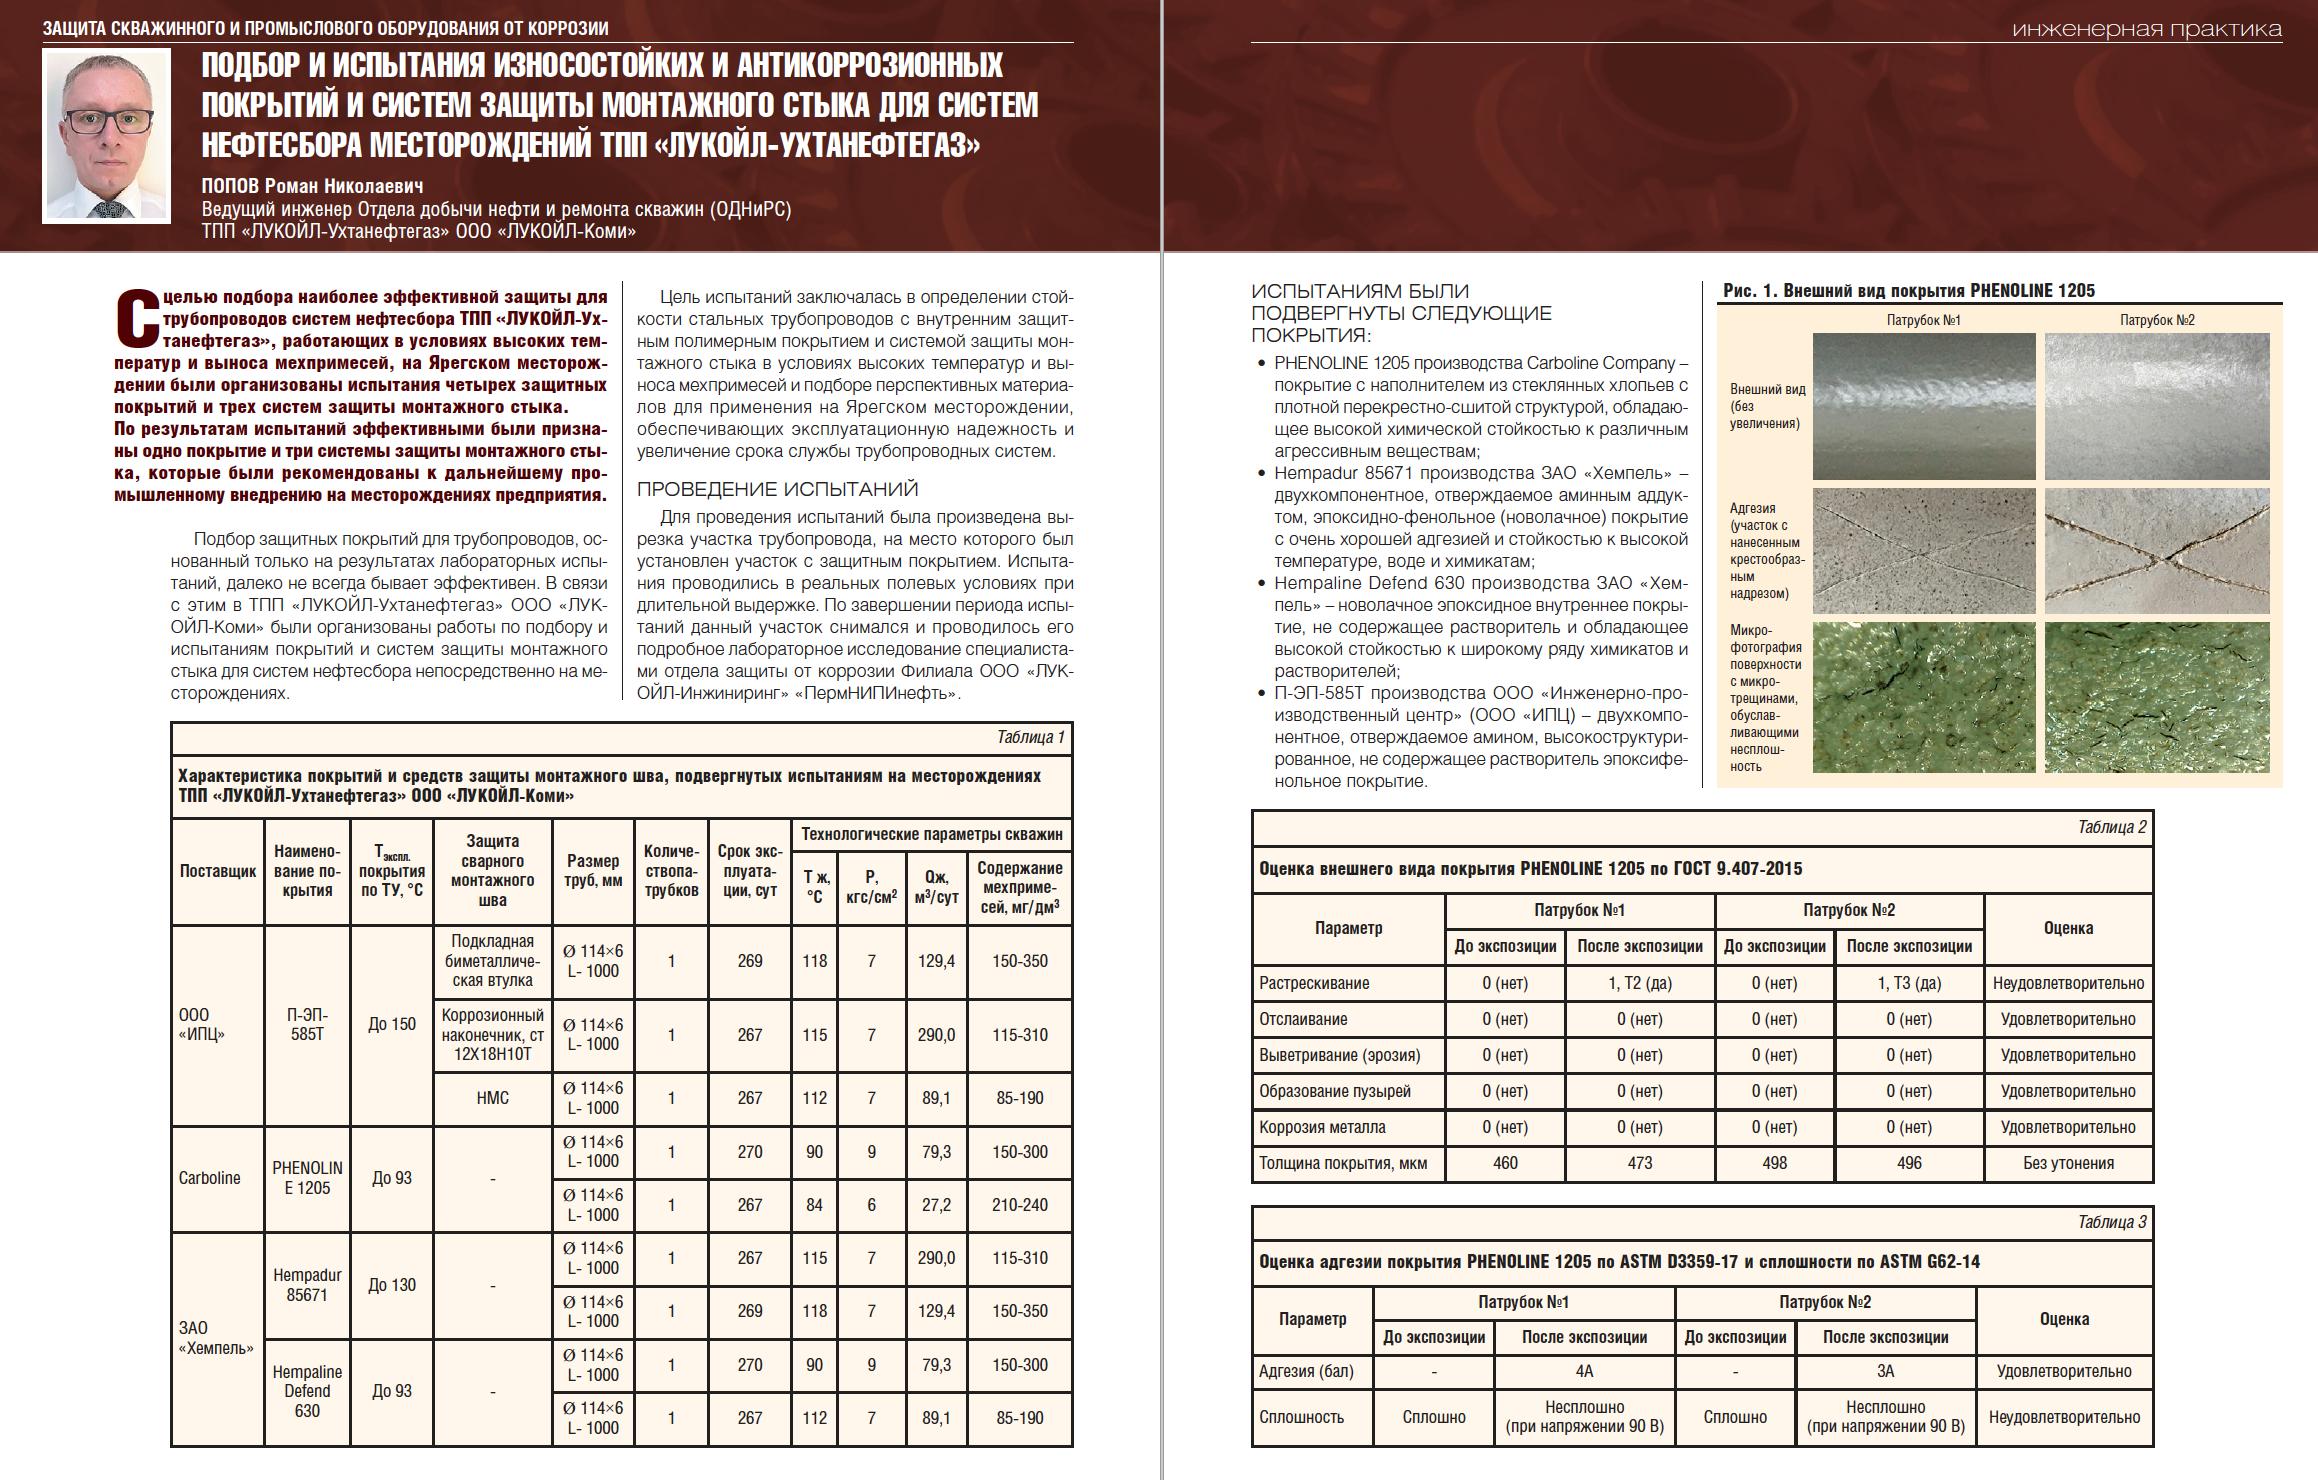 32697 Подбор и испытания износостойких и антикоррозионных покрытий для систем нефтесбора месторождений ТПП «ЛУКОЙЛ-Ухтанефтегаз»